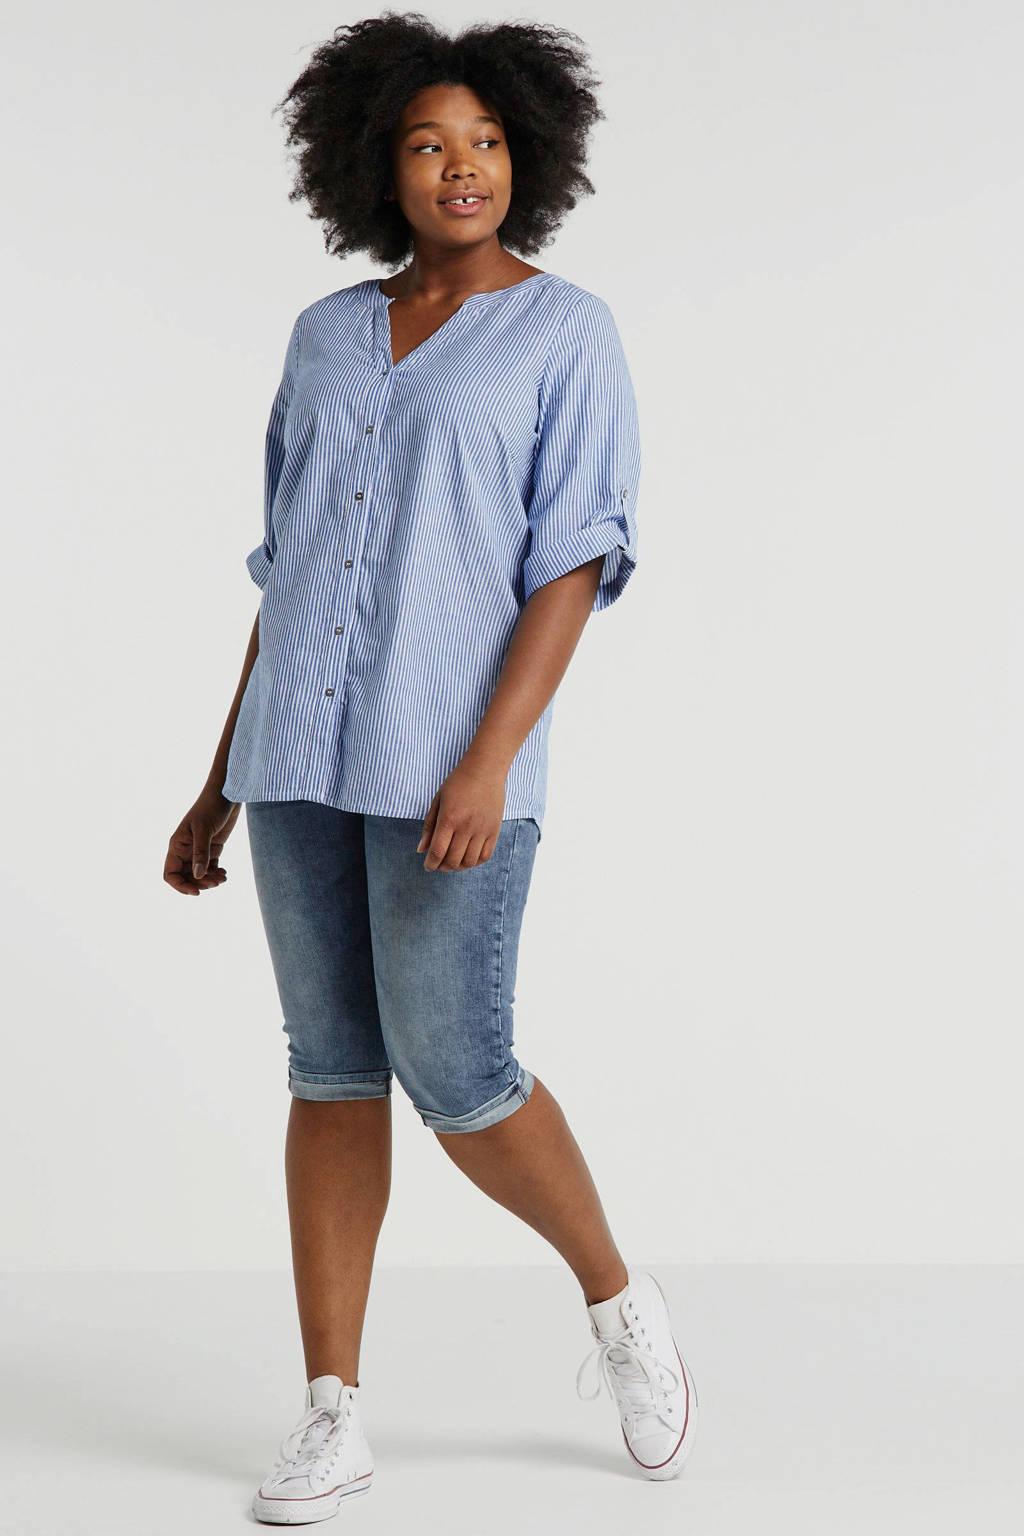 LTB jeans Adney, Yule wash